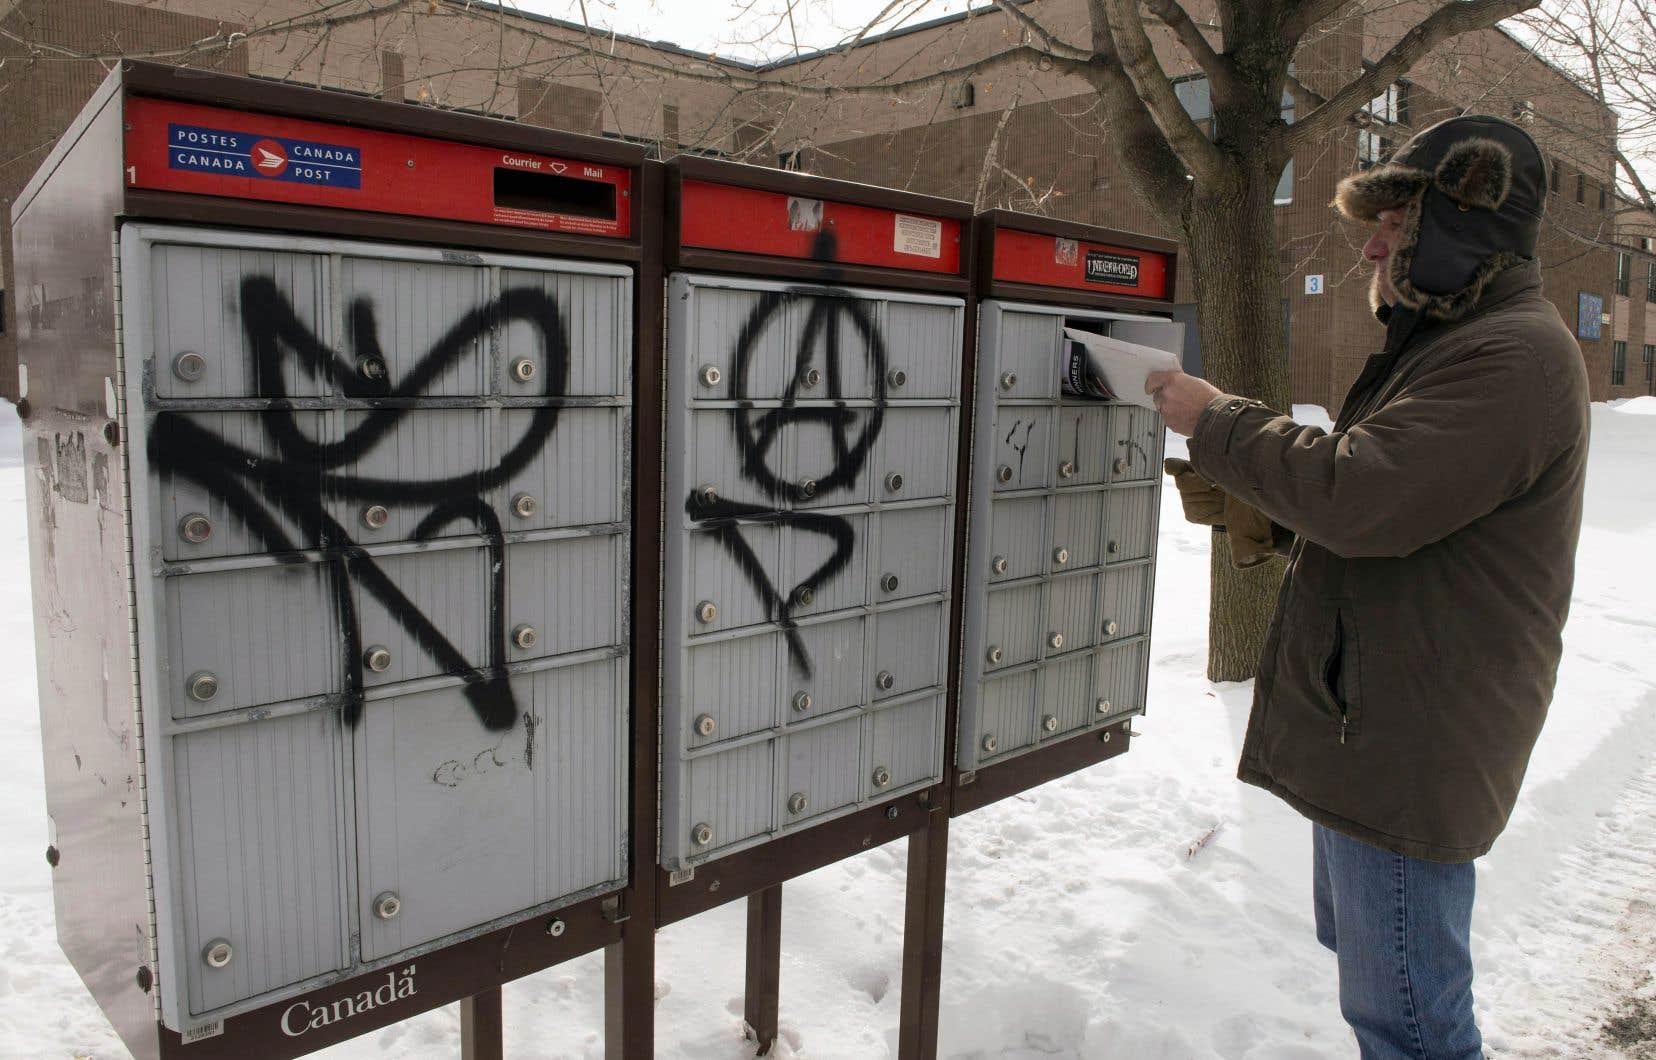 En campagne électorale, Justin Trudeau s'était engagé à rétablir le service de livraison du courrier à domicile.